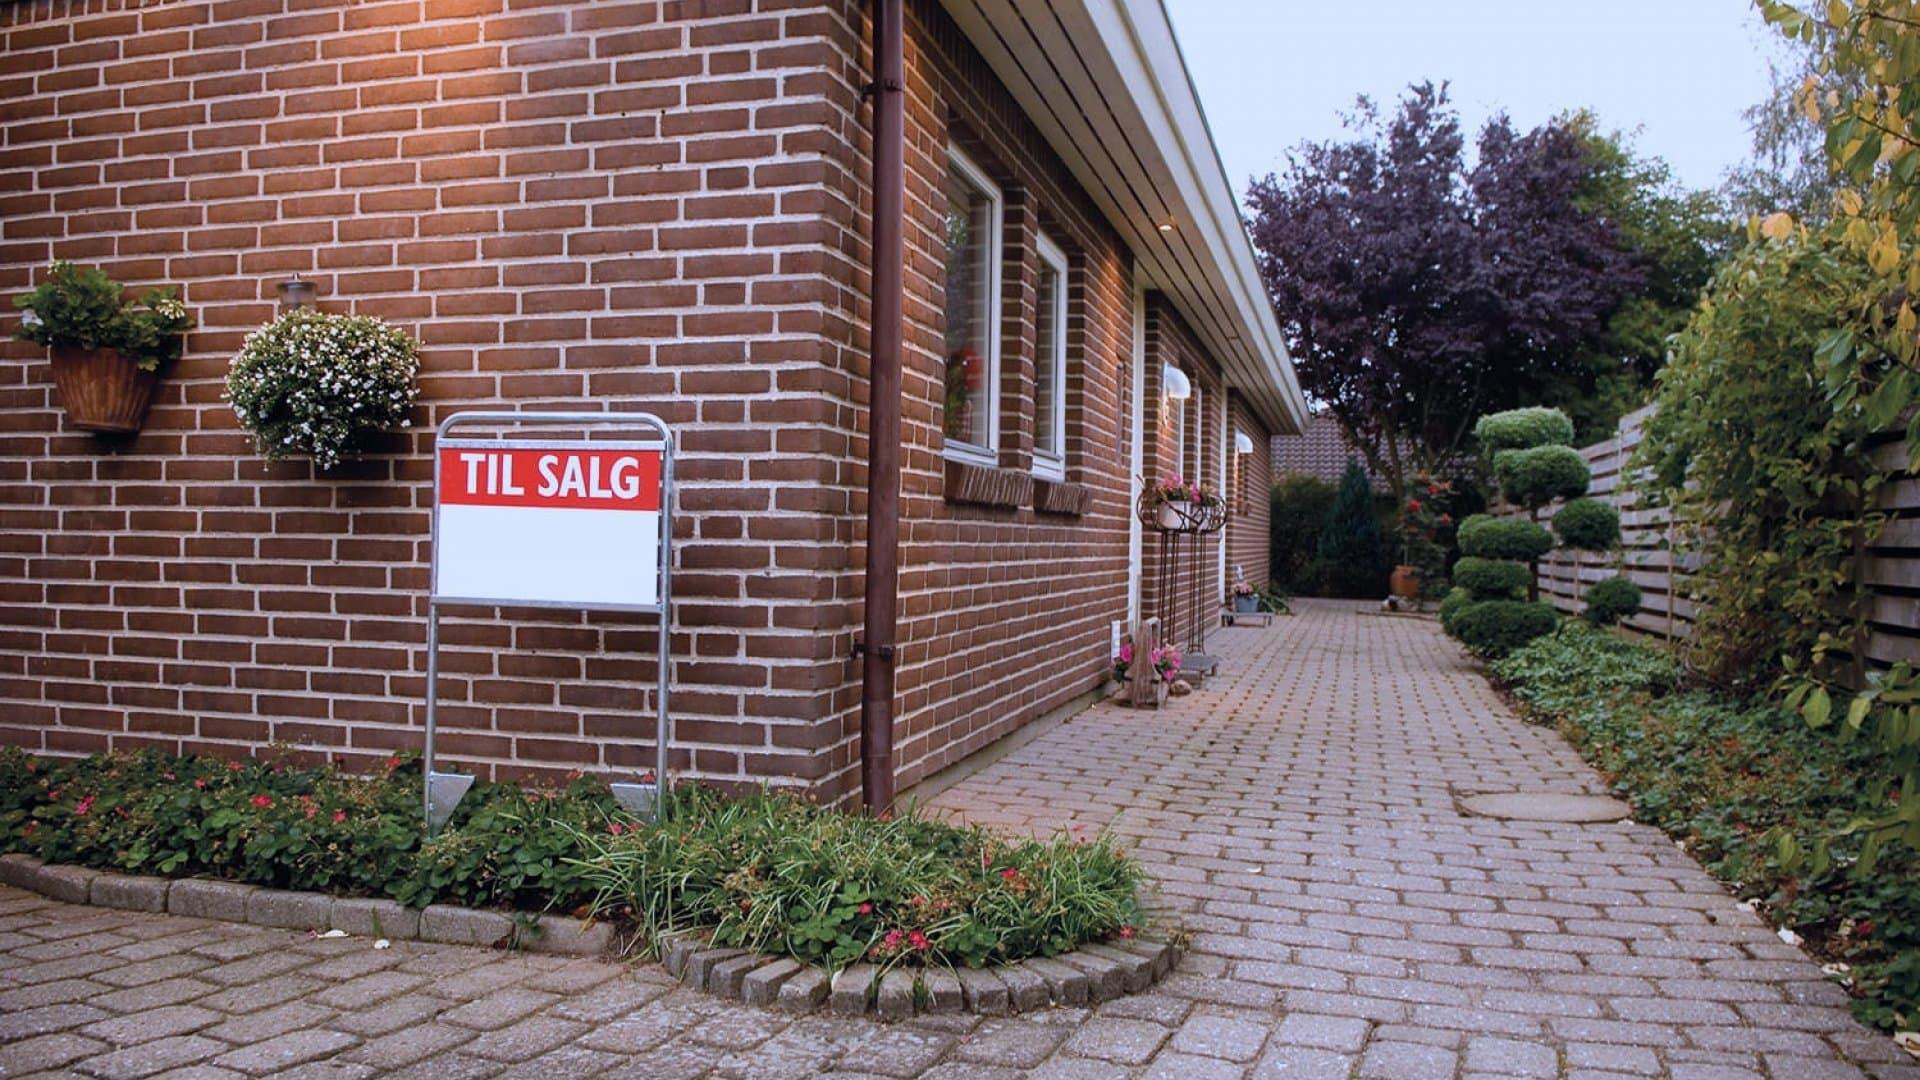 """Et hus med et """"til salg"""" skilt foran"""